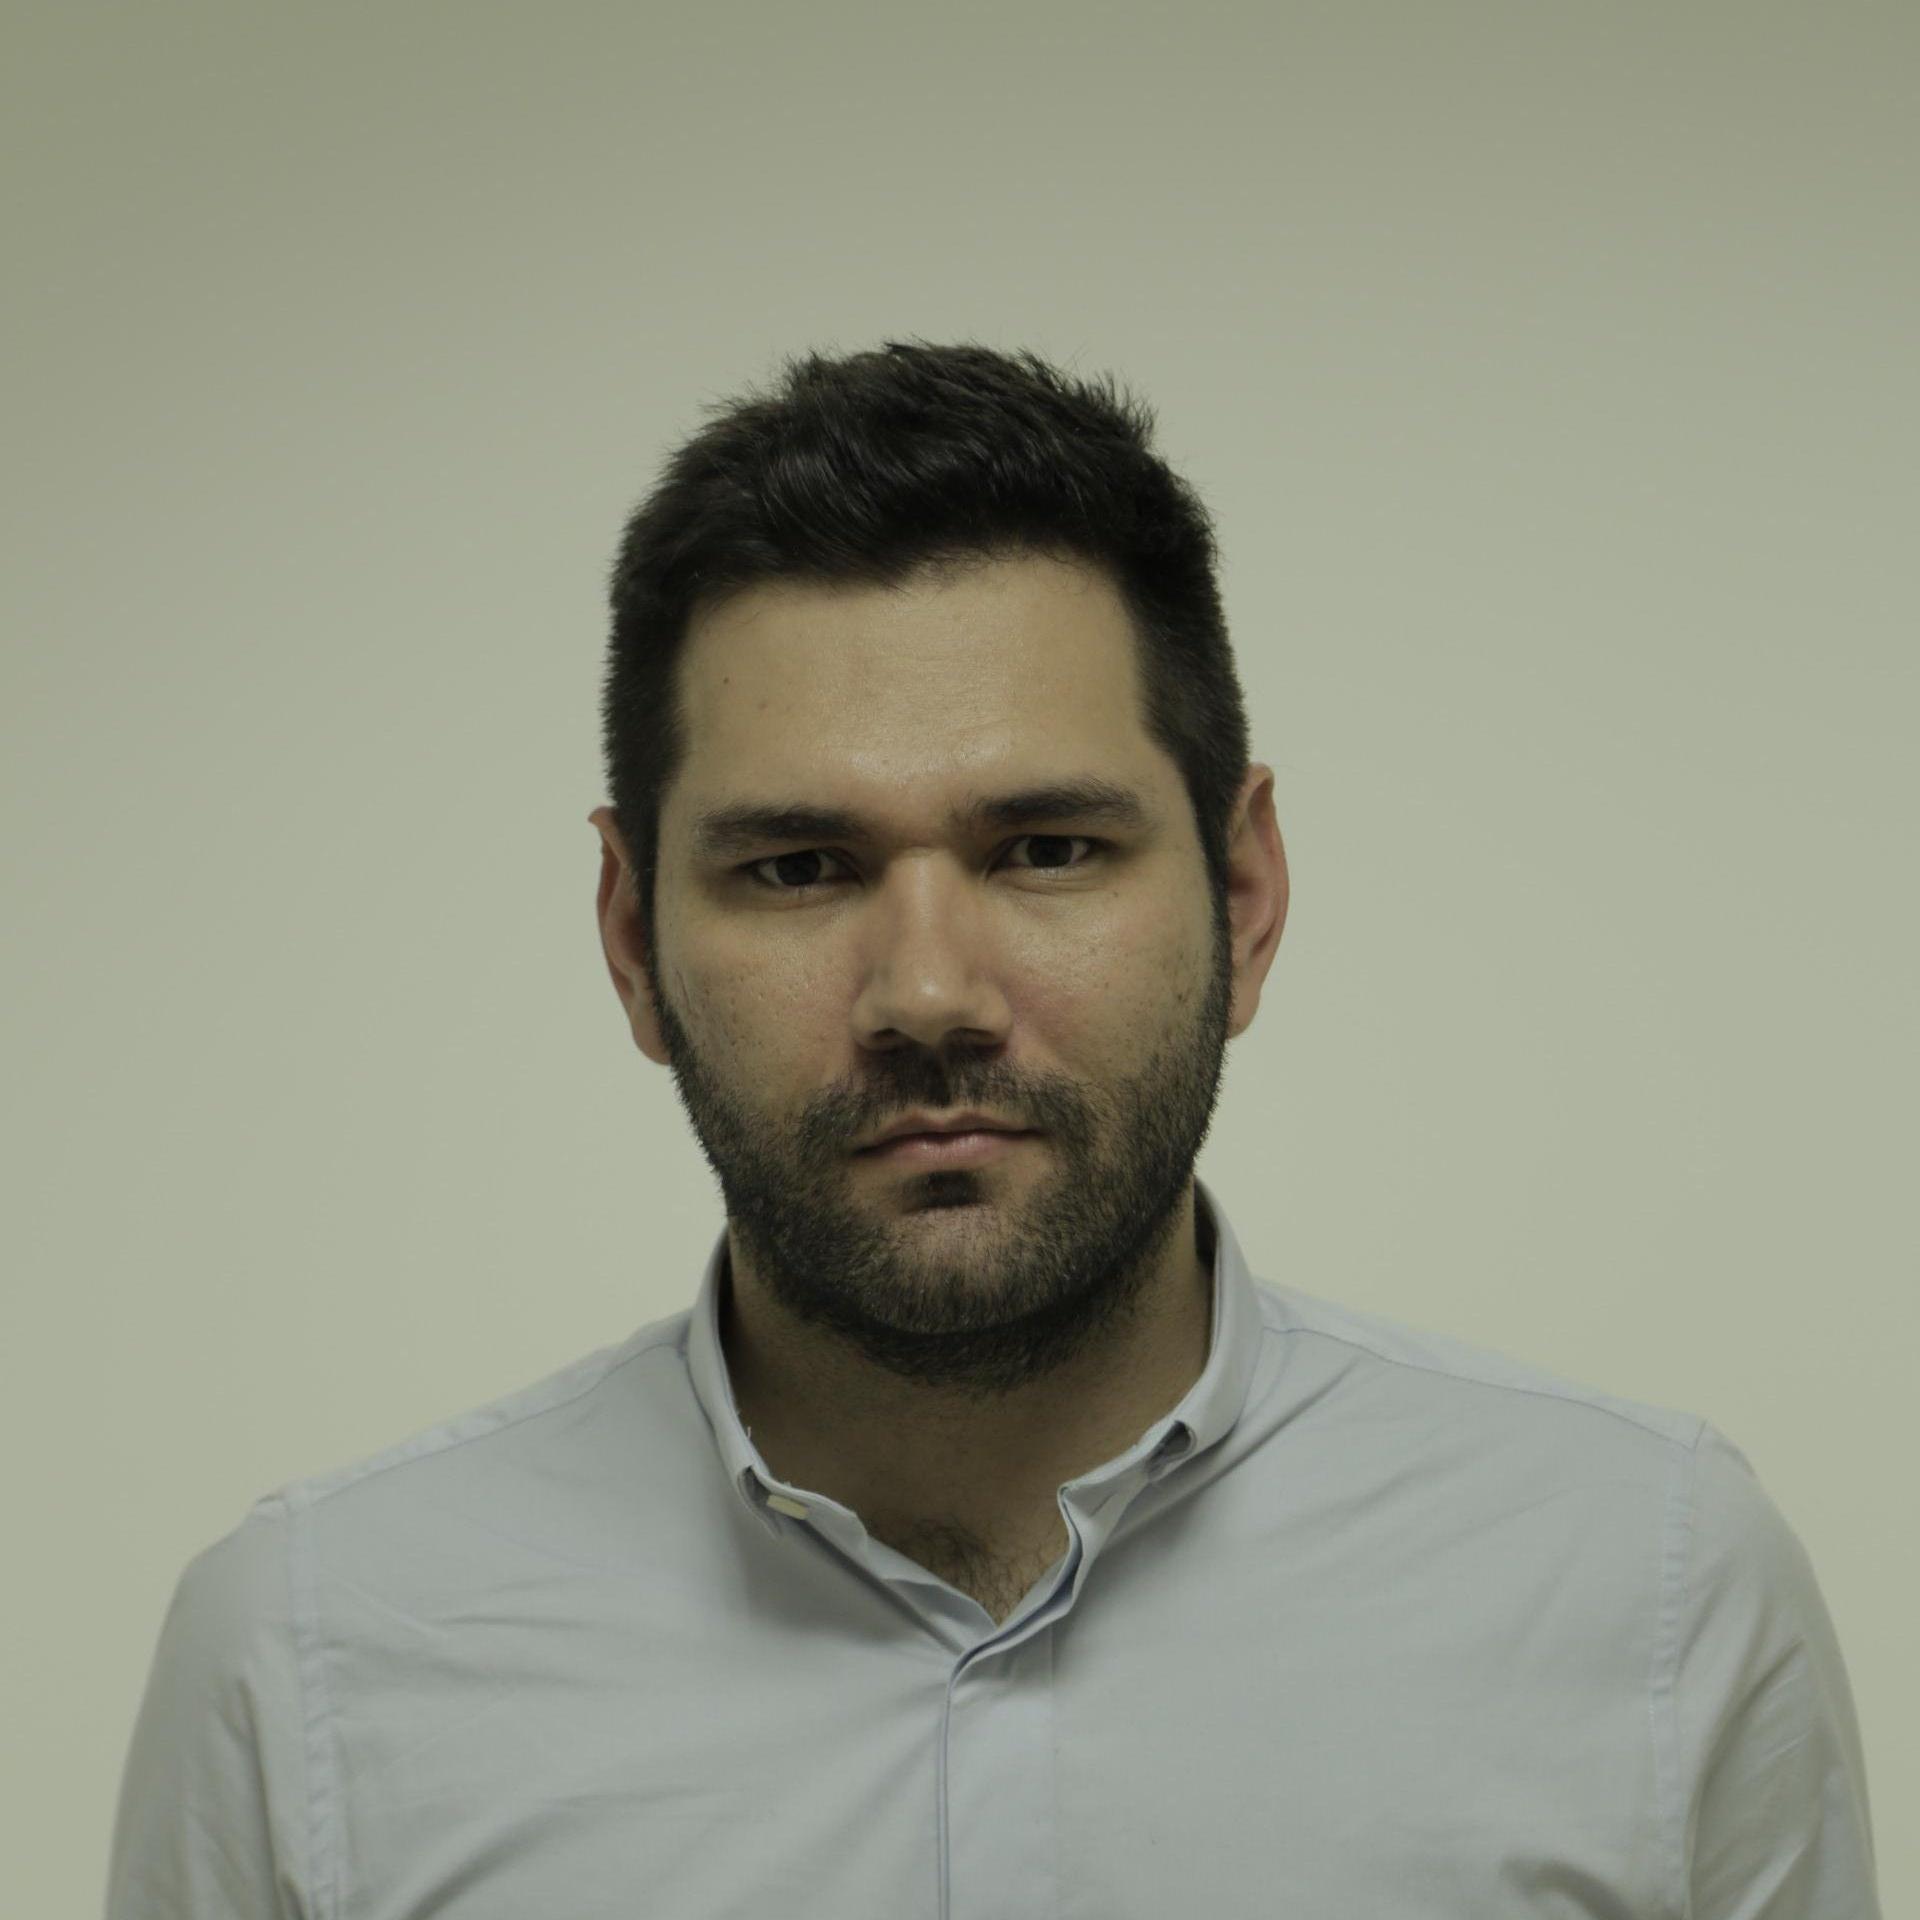 Pablo Cuartas